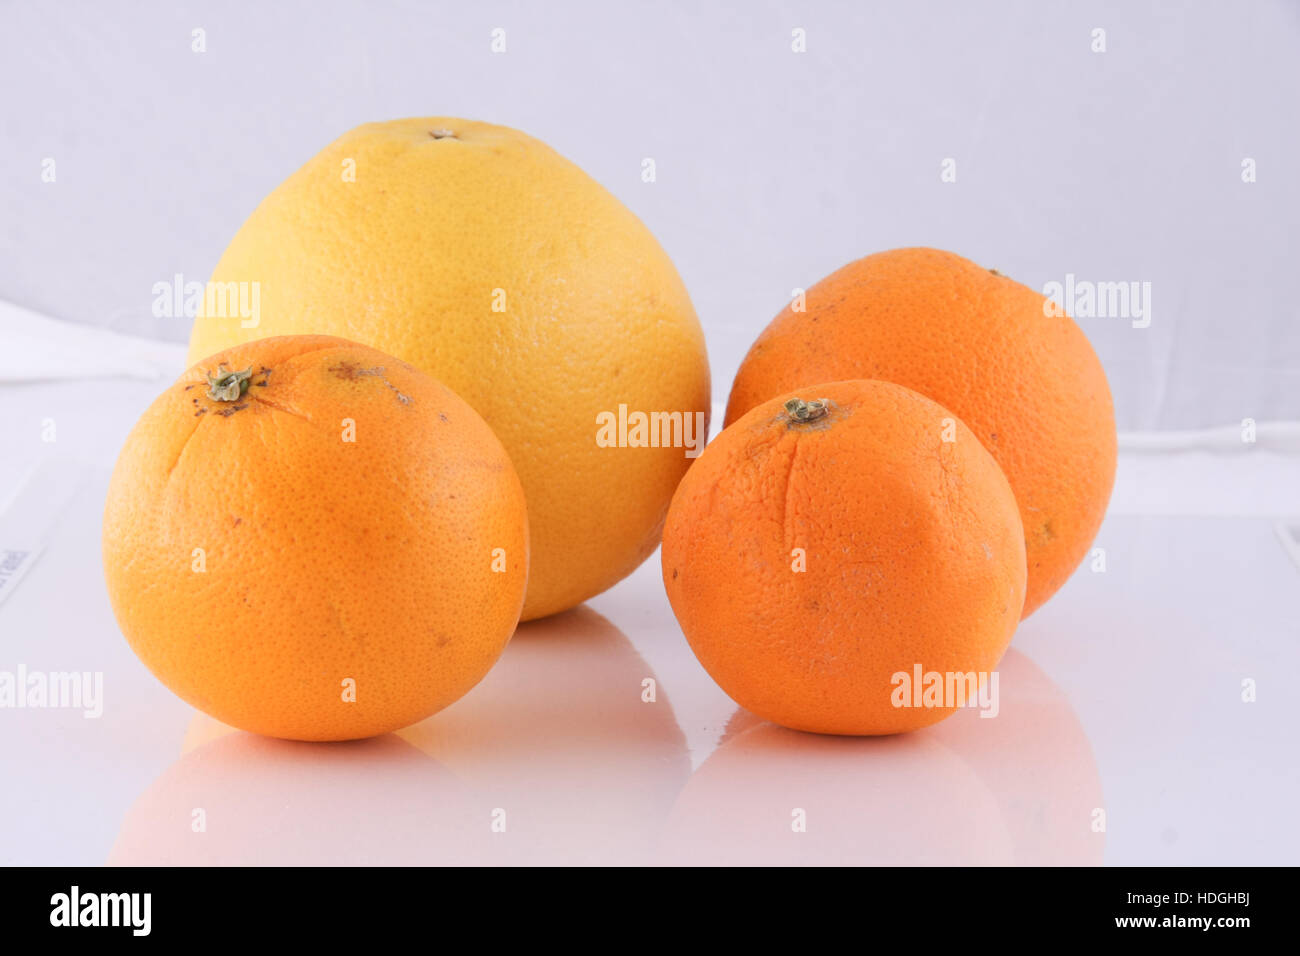 Orange in Isolate - Stock Image